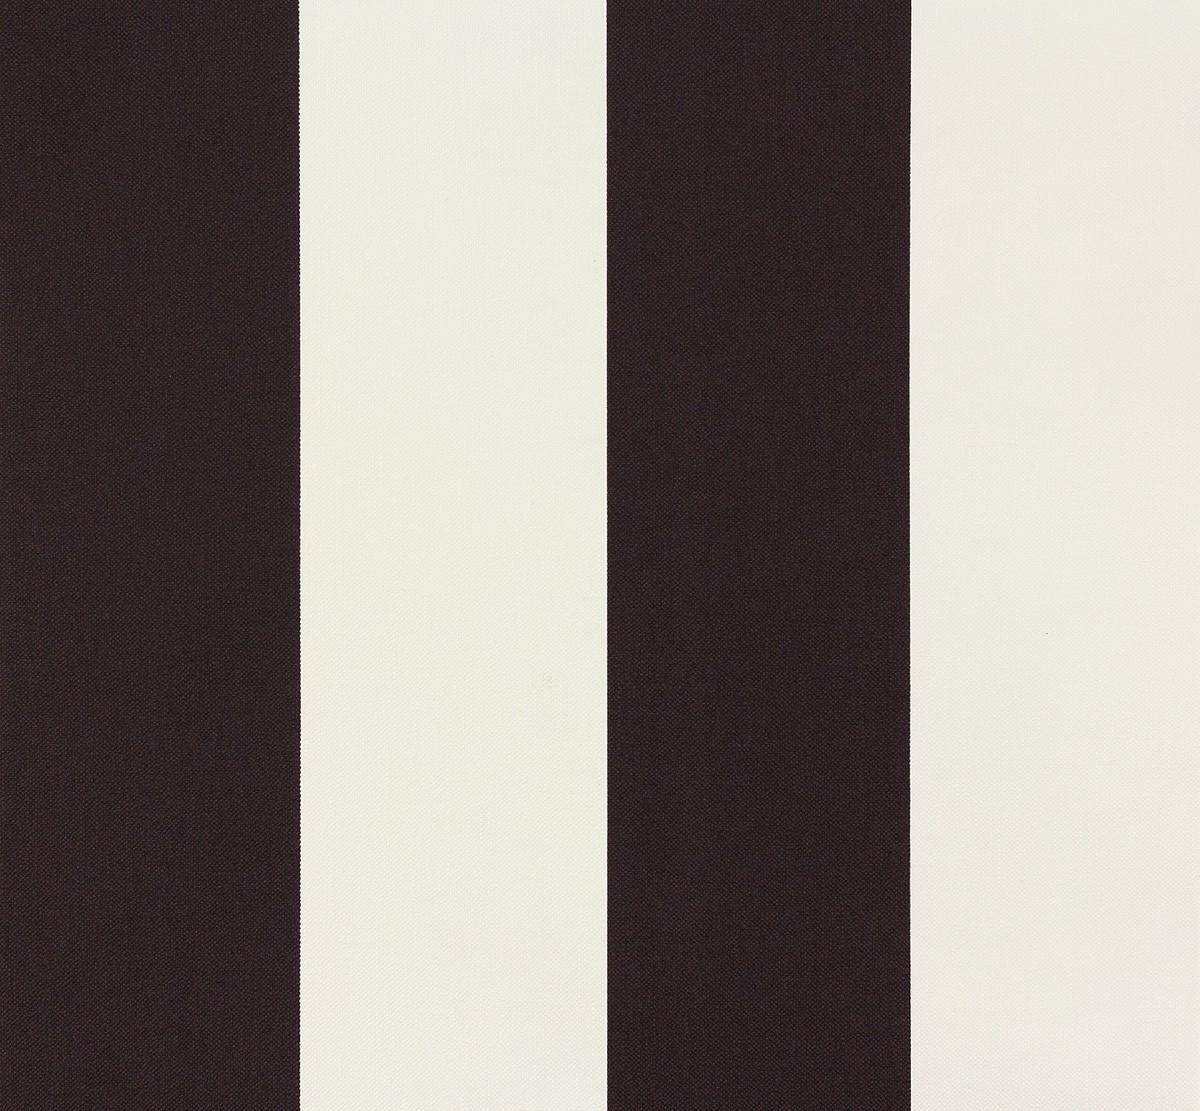 wallpaper elegance as creation stripes black white 3342 13. Black Bedroom Furniture Sets. Home Design Ideas